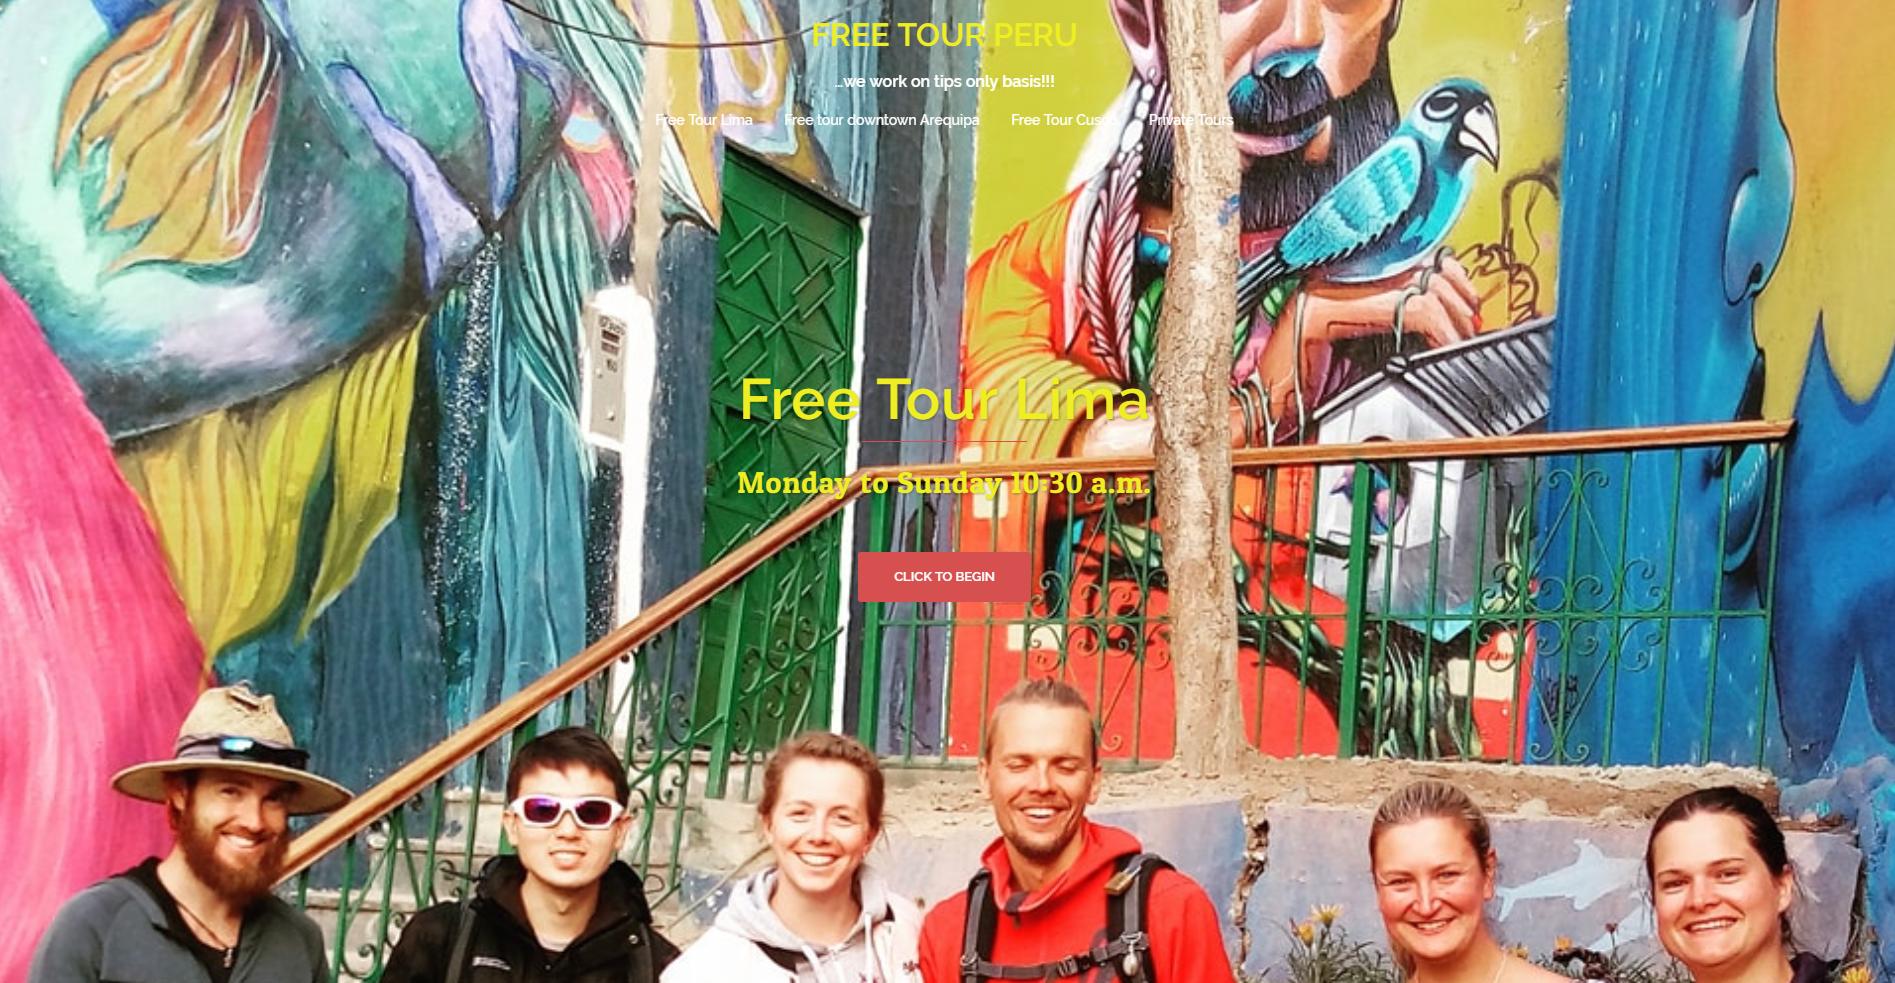 Free Tour / Tour Gratuito por Lima